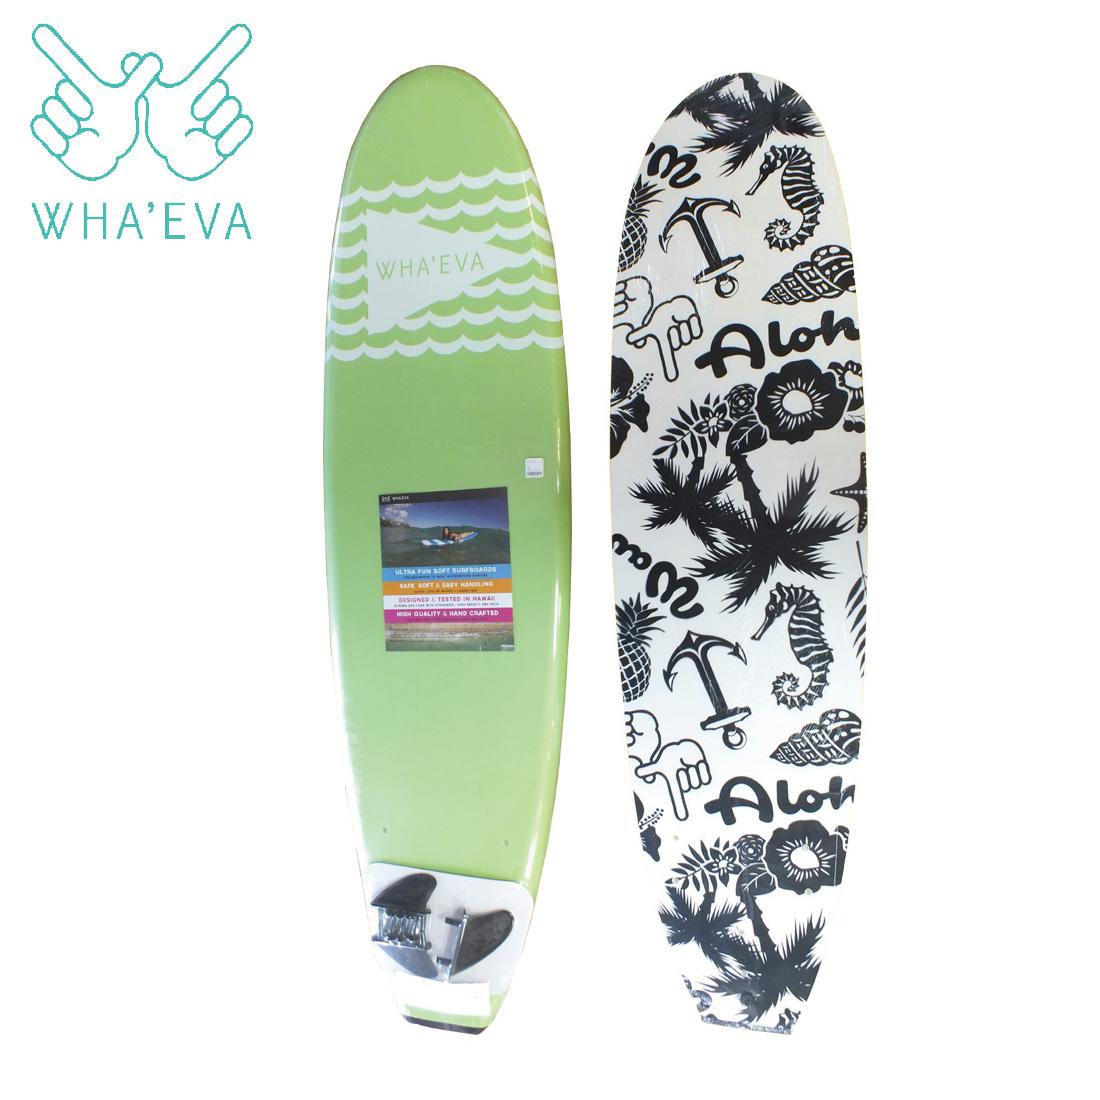 SURF WHA'EVA FLAG 7'0 Lime(Green) ソフトサーフボード EVA素材 軽量 ソフト素材 WHA EVA ワー イーブイエー